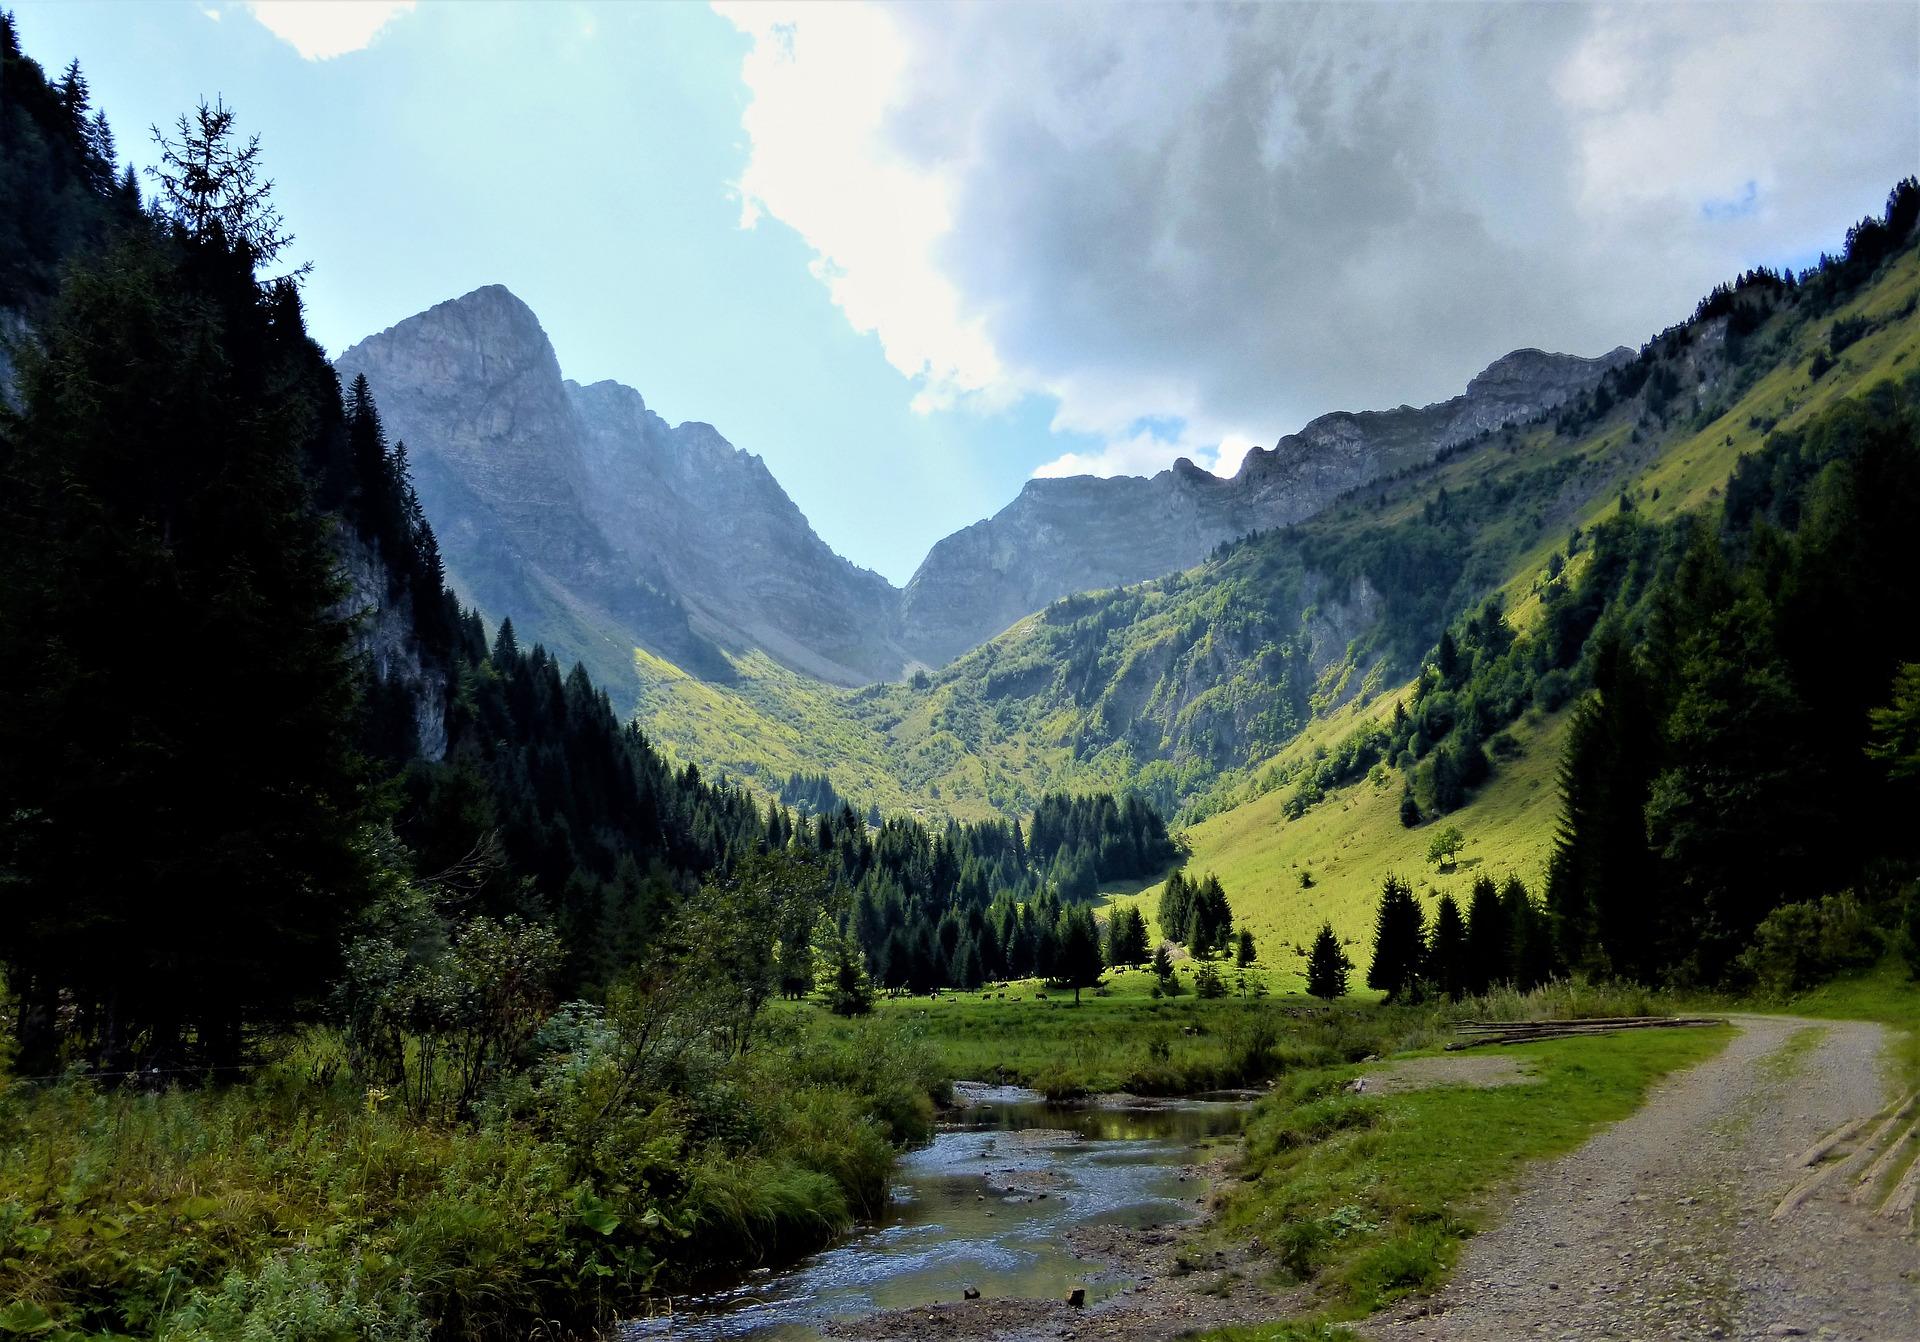 Montagnes et rivière en pleine nature